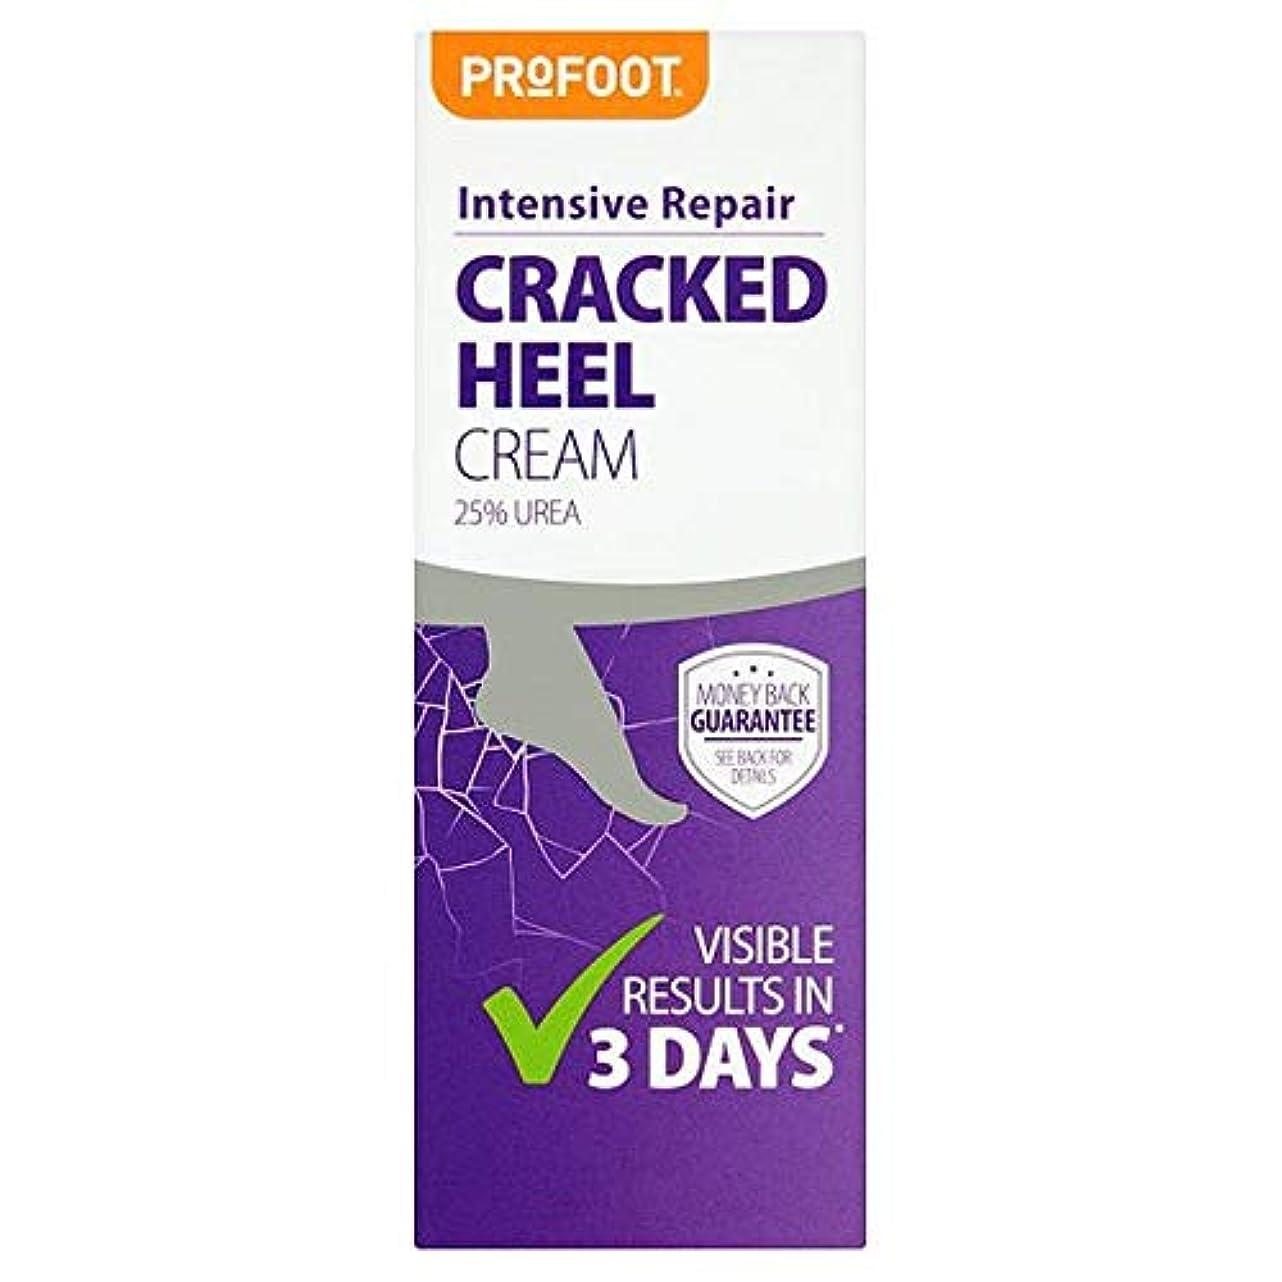 電話をかける弾丸修道院[Profoot] Profootひび割れかかとクリーム60ミリリットル - Profoot Cracked Heel Cream 60Ml [並行輸入品]